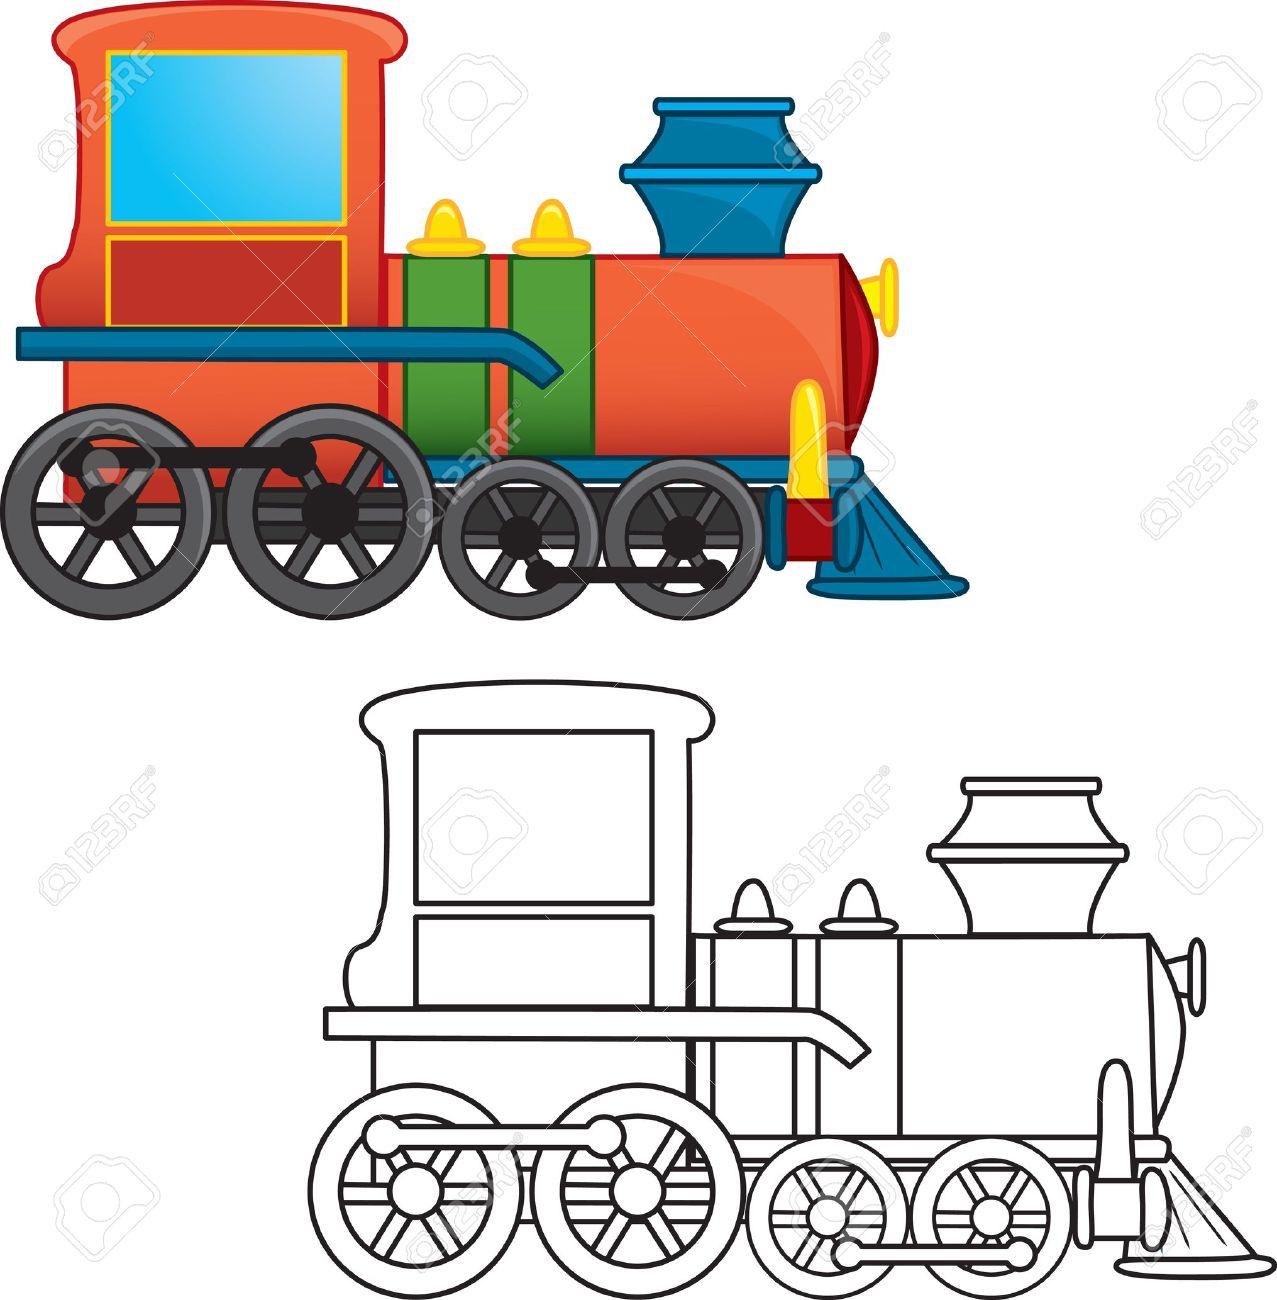 Lujoso Colorear Imágenes De Trenes Patrón - Dibujos Para Colorear En ...